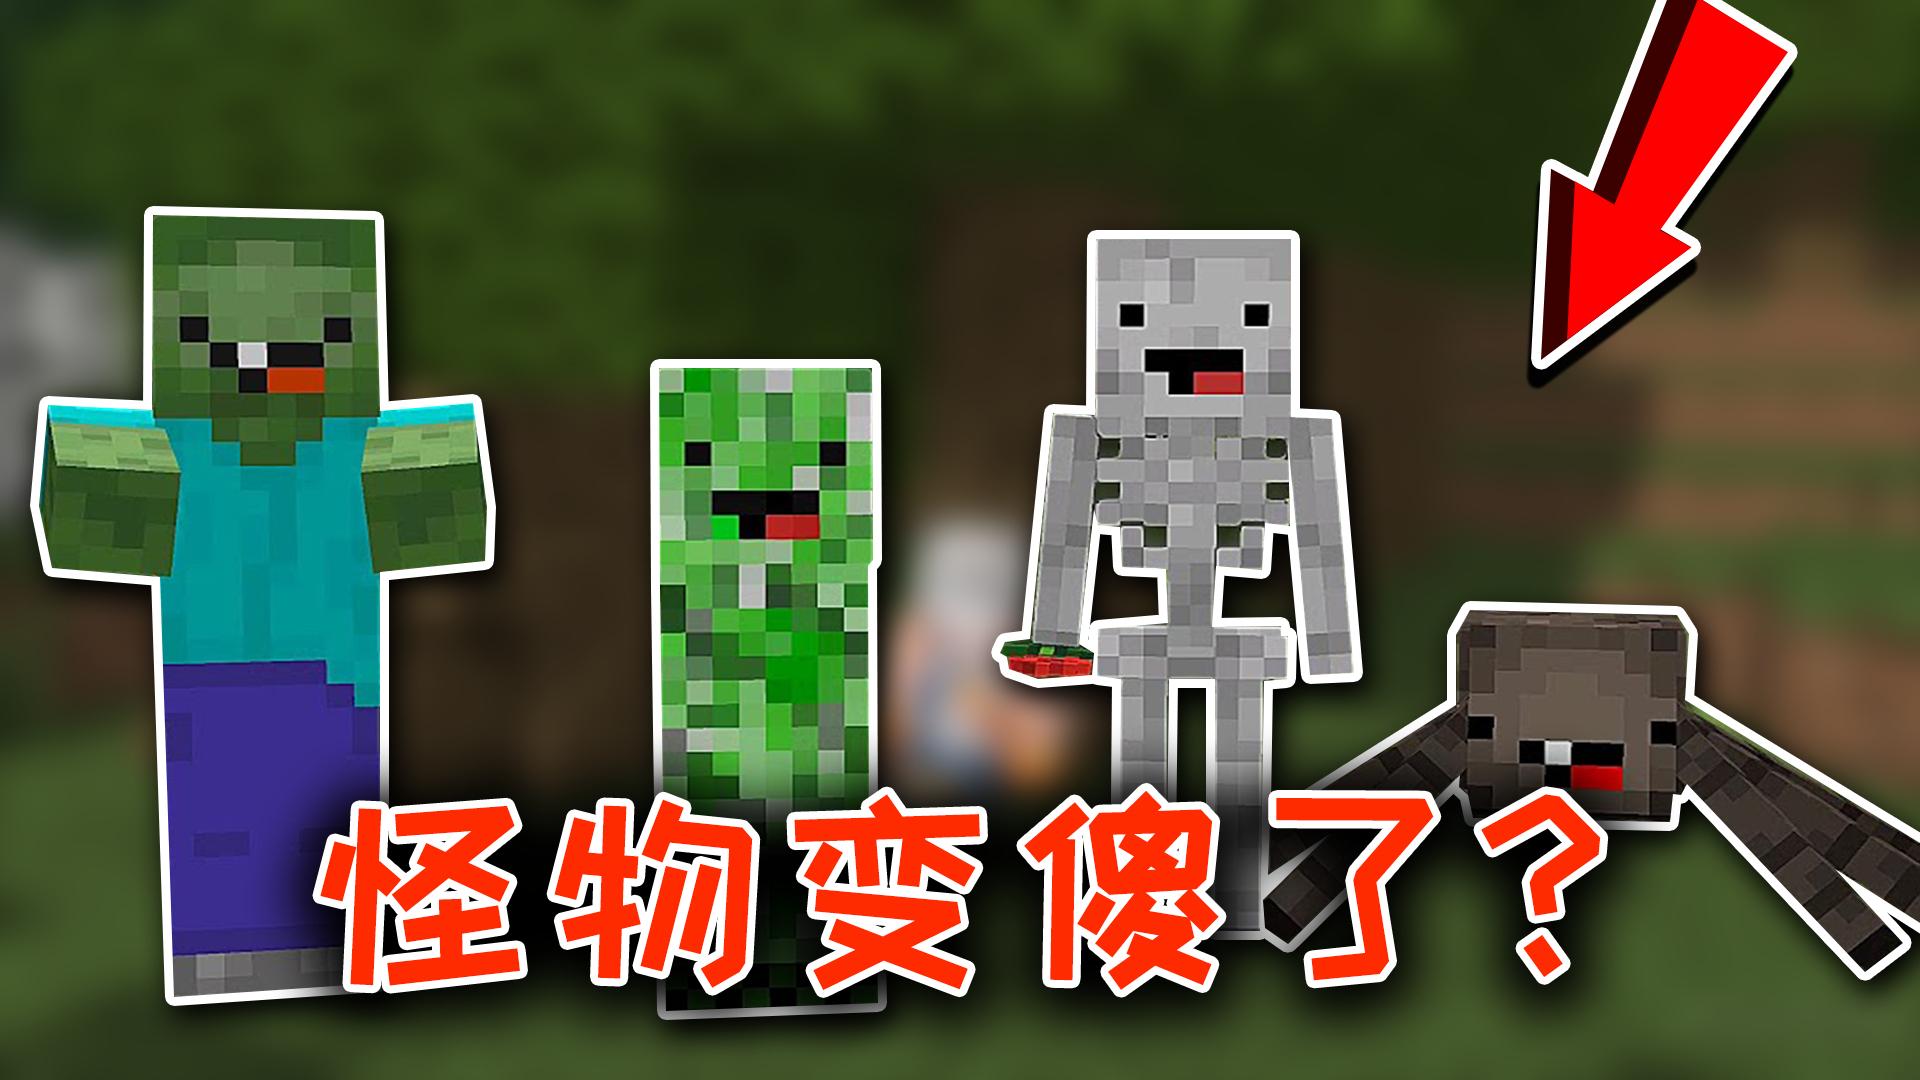 我的世界:如果有一天怪物变傻会发生什么?僵尸还给玩家送鲜花?